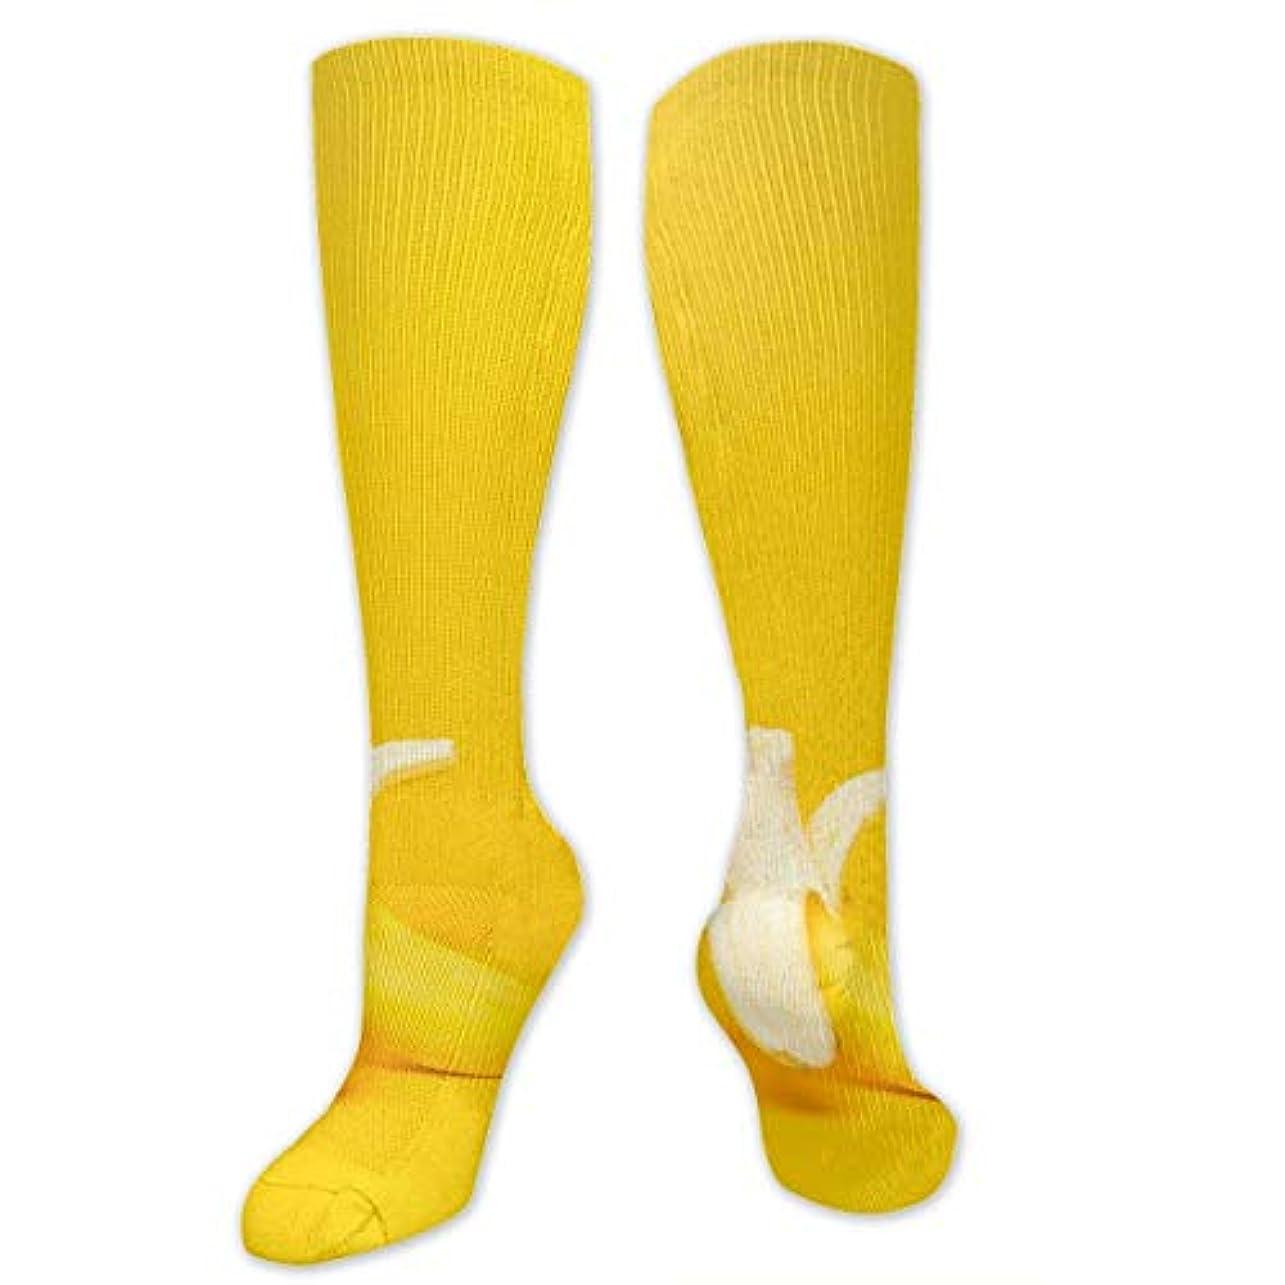 凍るあいまいさドメイン靴下,ストッキング,野生のジョーカー,実際,秋の本質,冬必須,サマーウェア&RBXAA Peeled Banana Socks Women's Winter Cotton Long Tube Socks Cotton Solid...